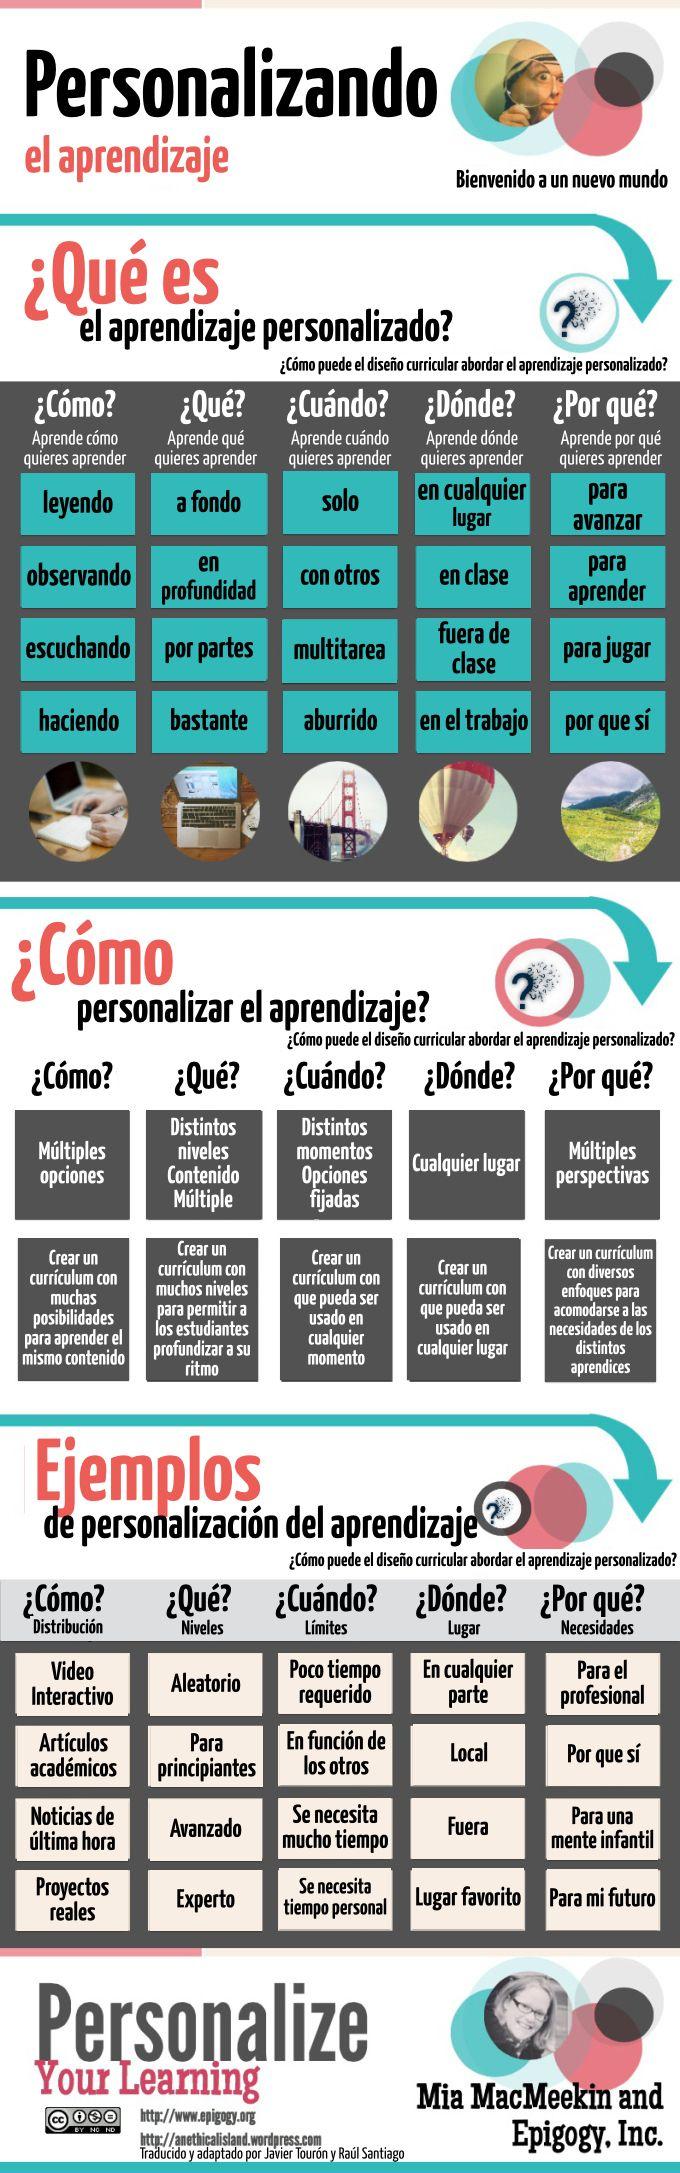 Qué es el aprendizaje personalizado #infografia #infographic #education